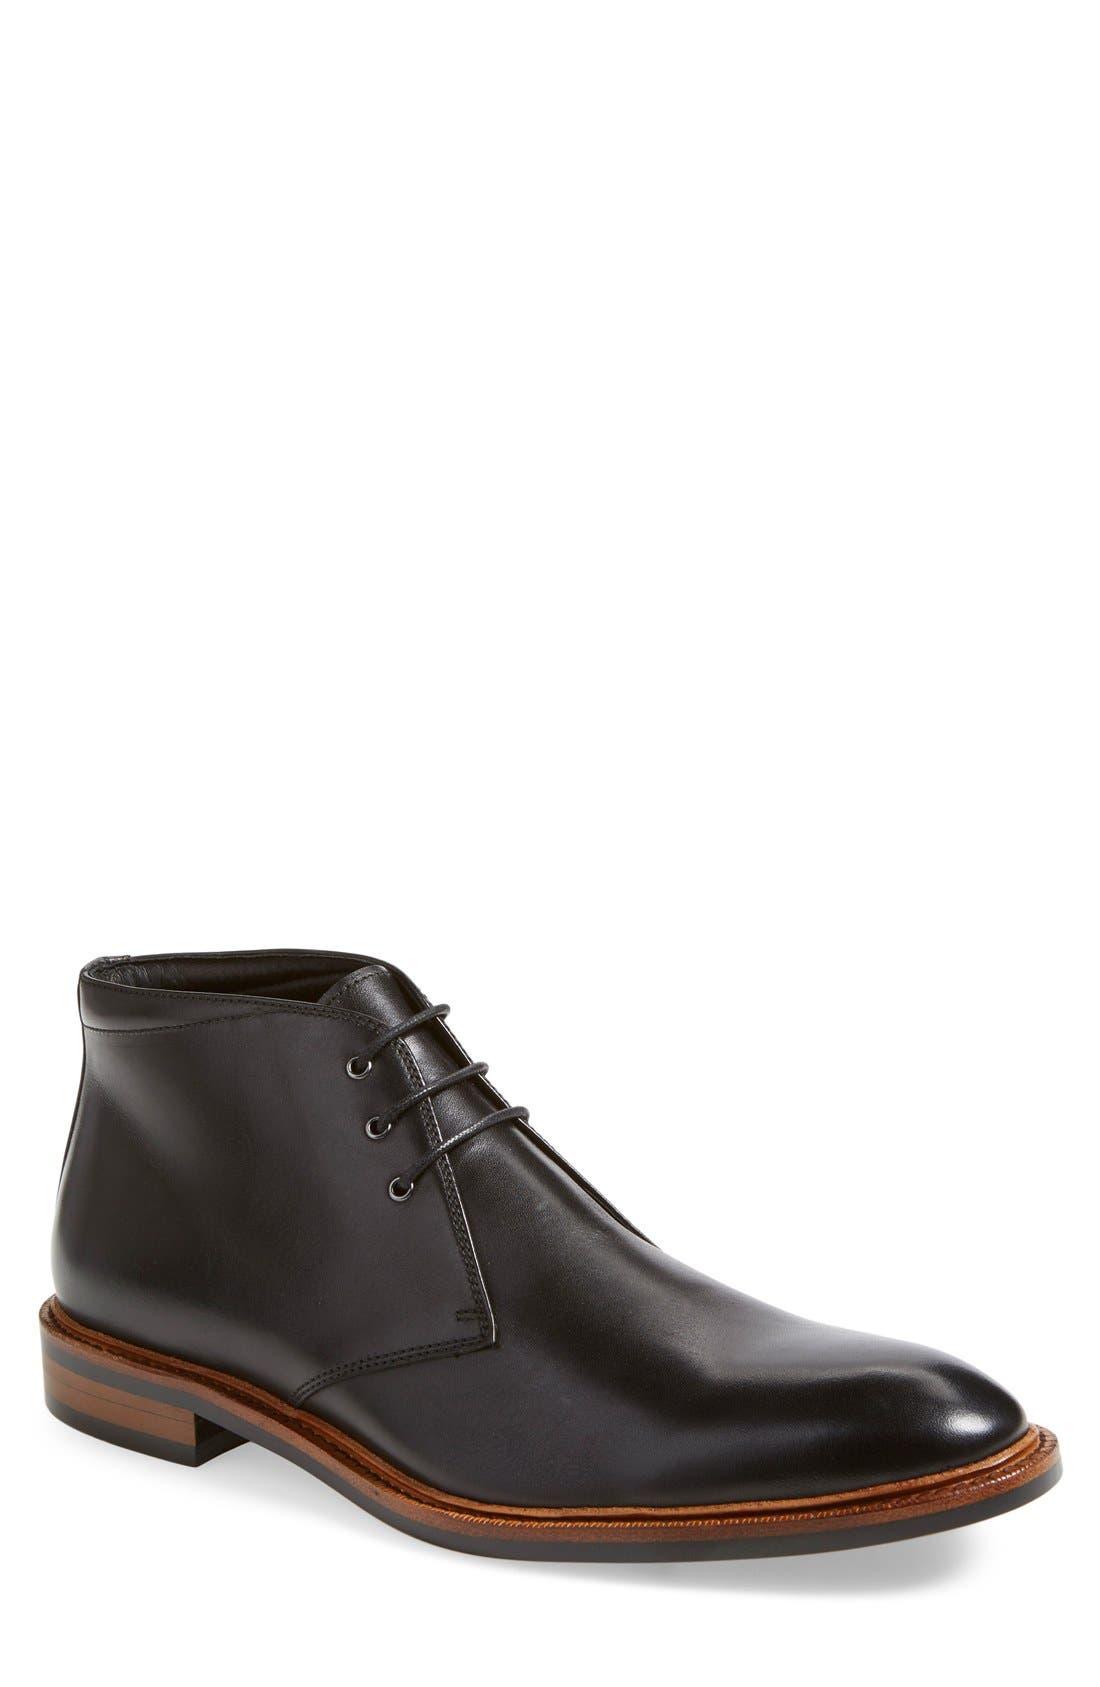 'Nathanson' Chukka Boot, Main, color, 001